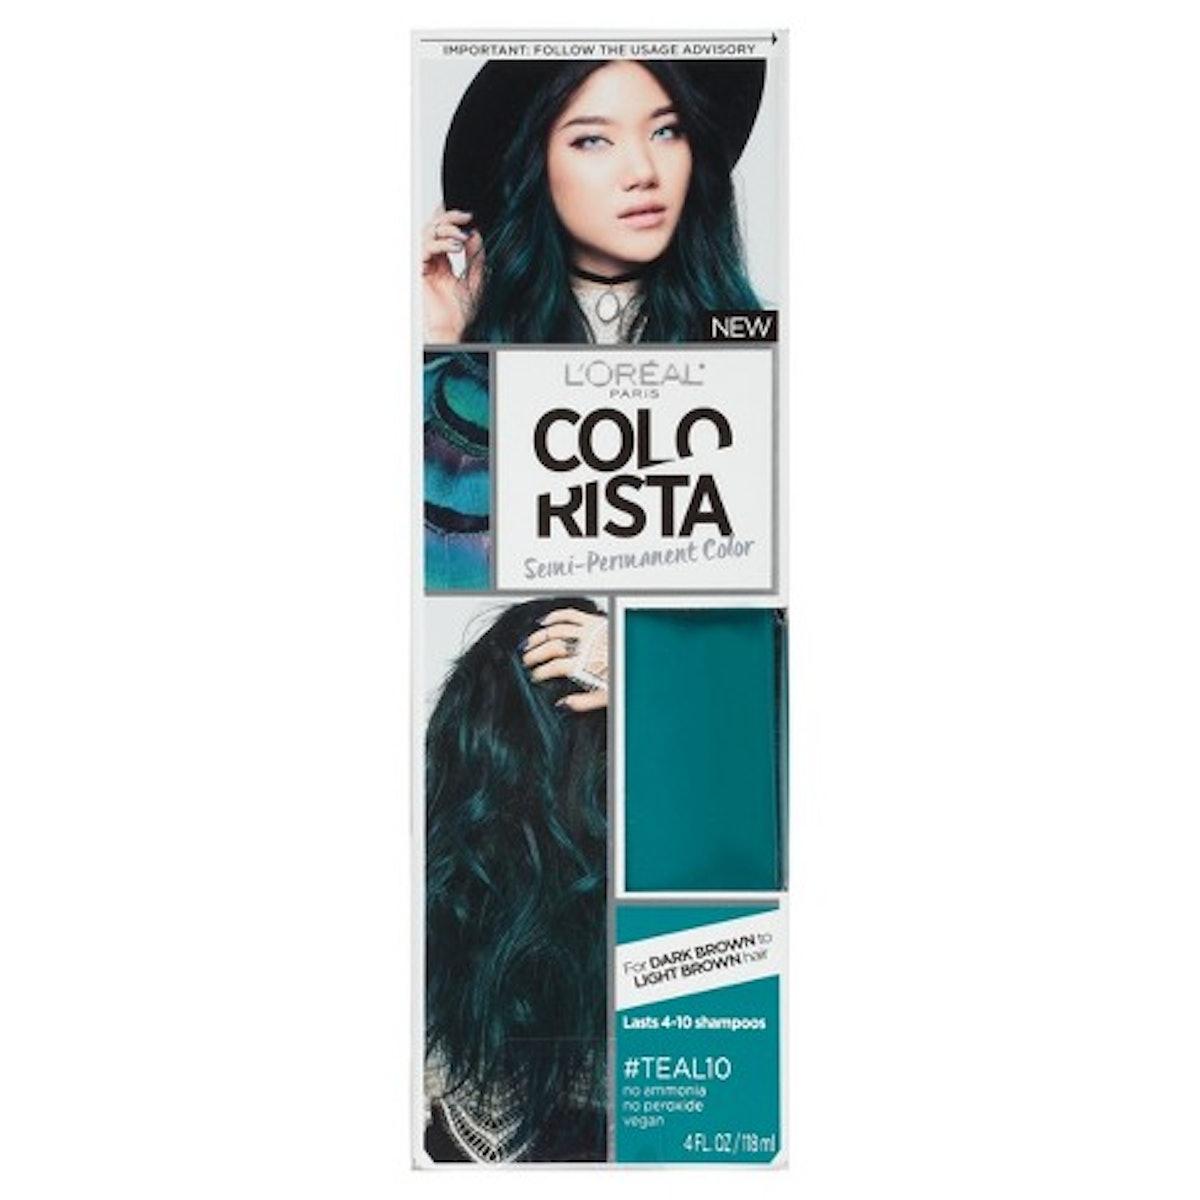 L'Oréal Colorista Semi-Permanent Color For Brunette Hair